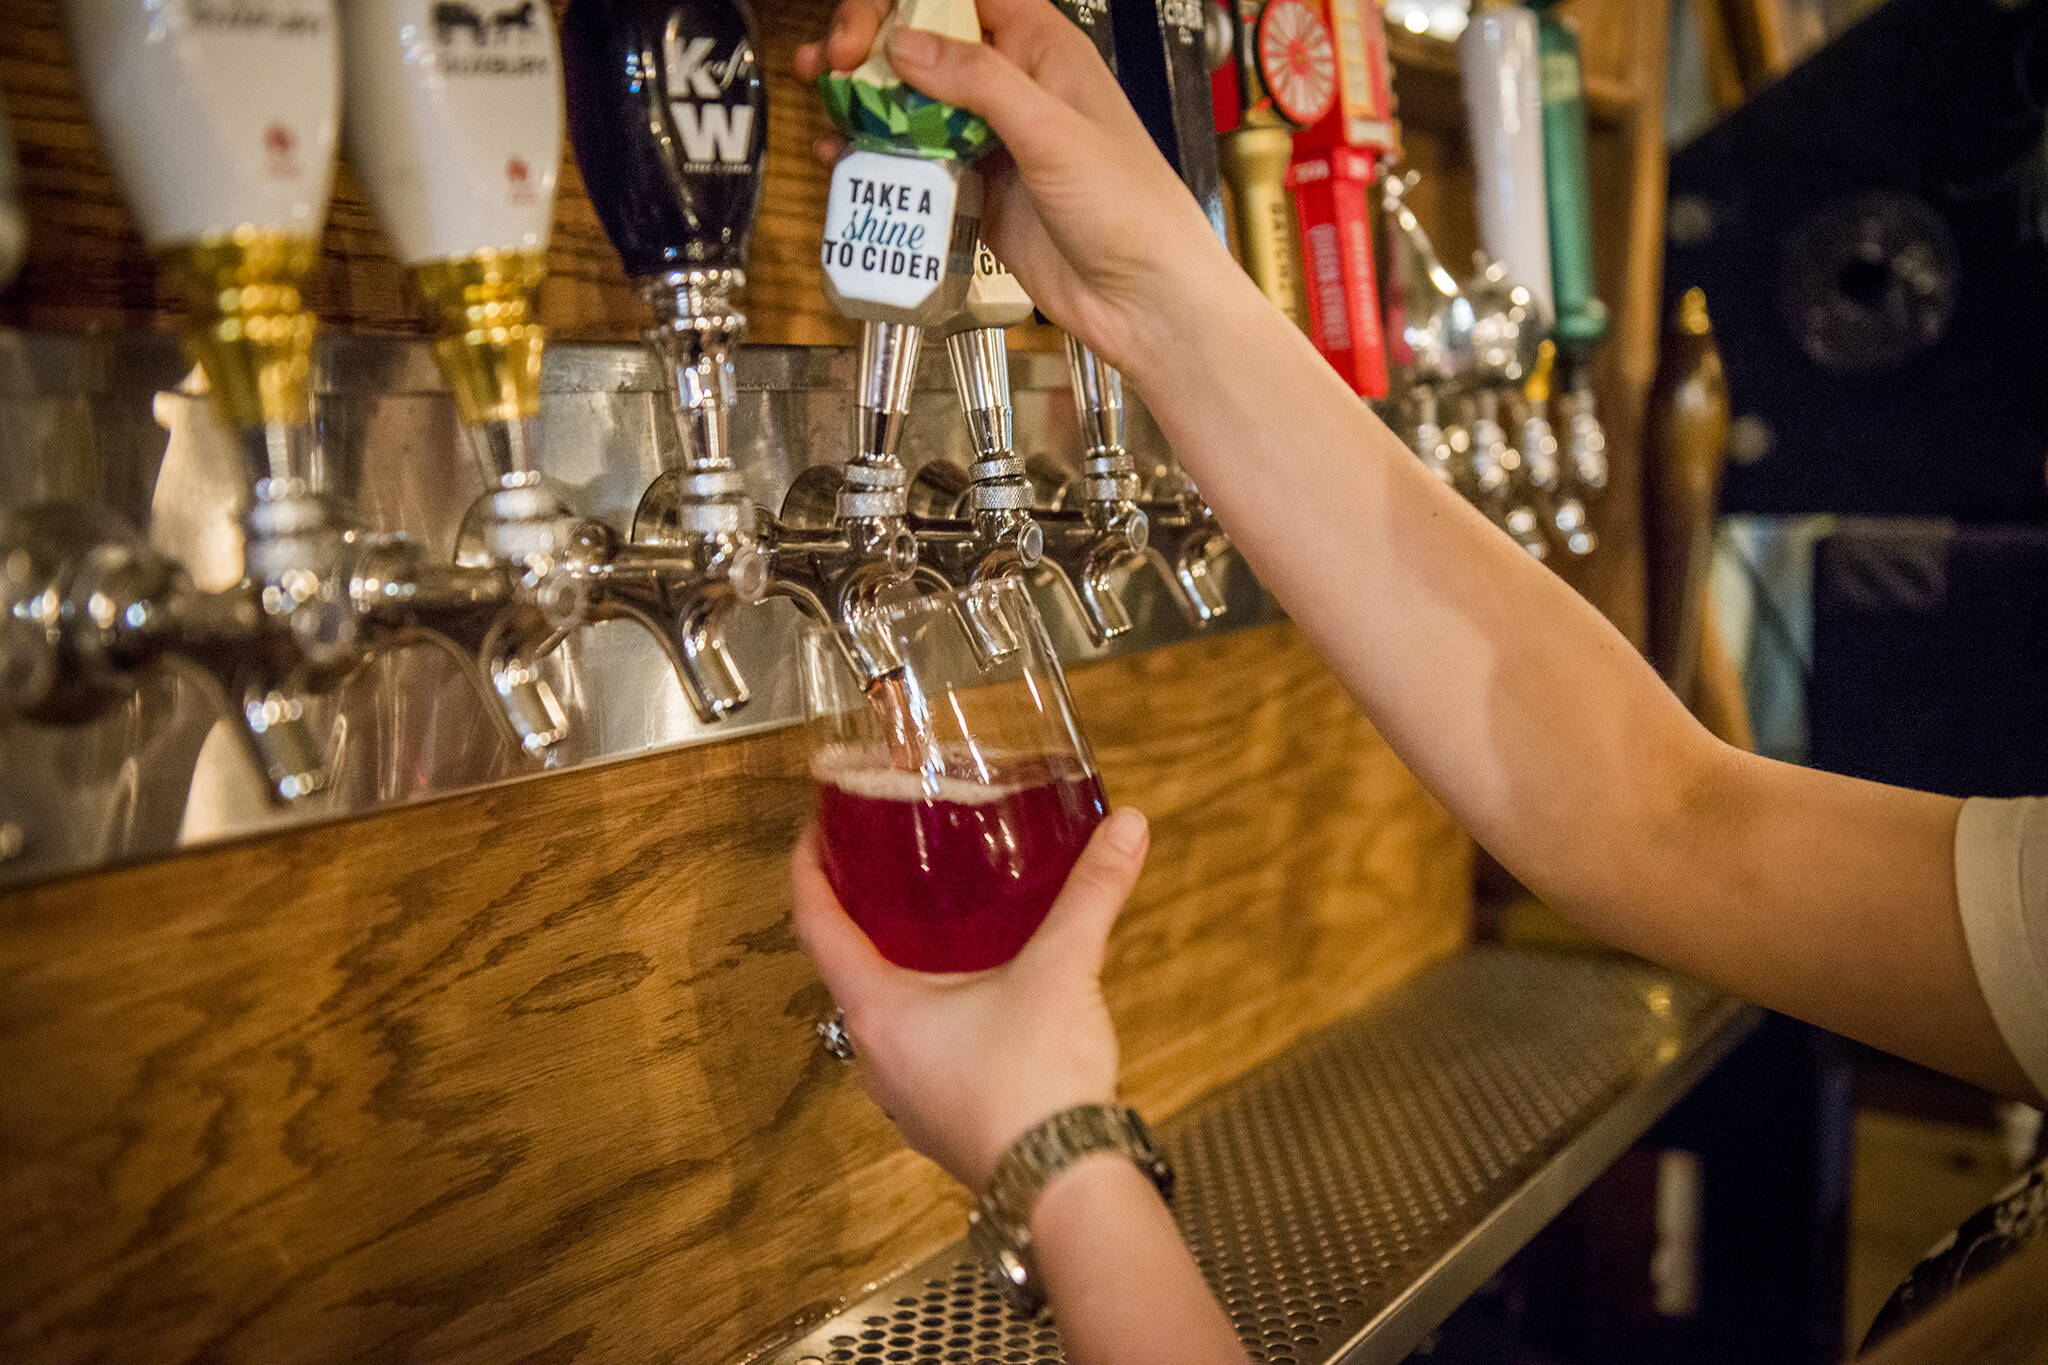 Cider Toronto